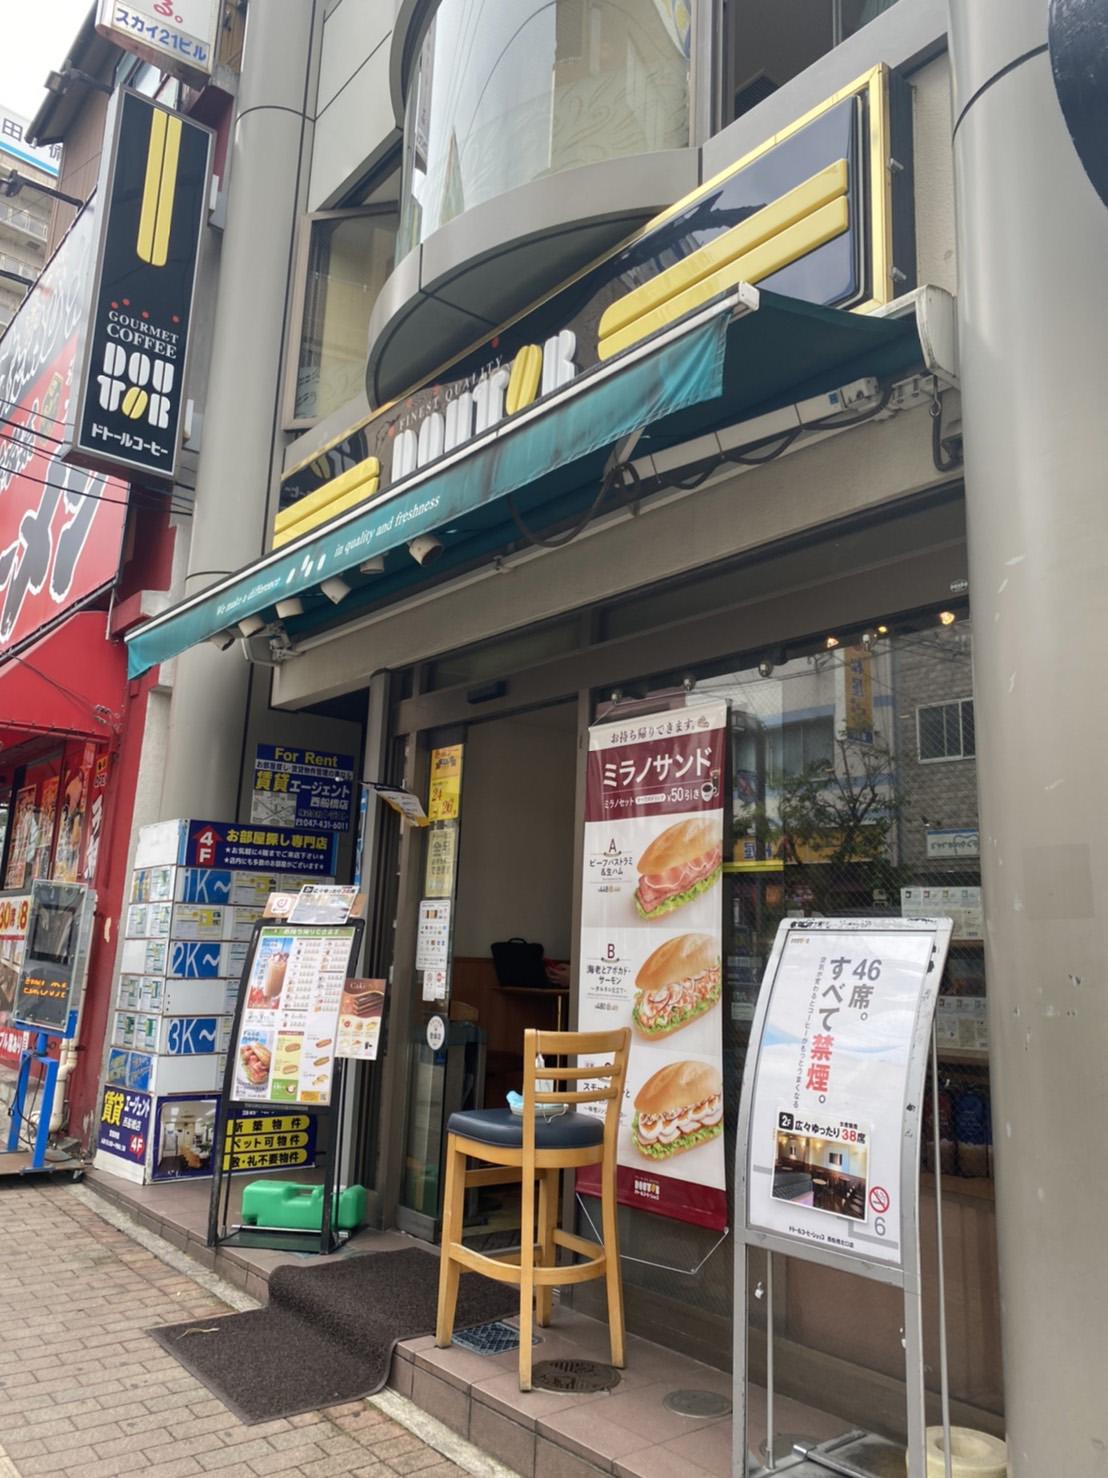 ドトールコーヒーショップ 西船橋北口店の外観